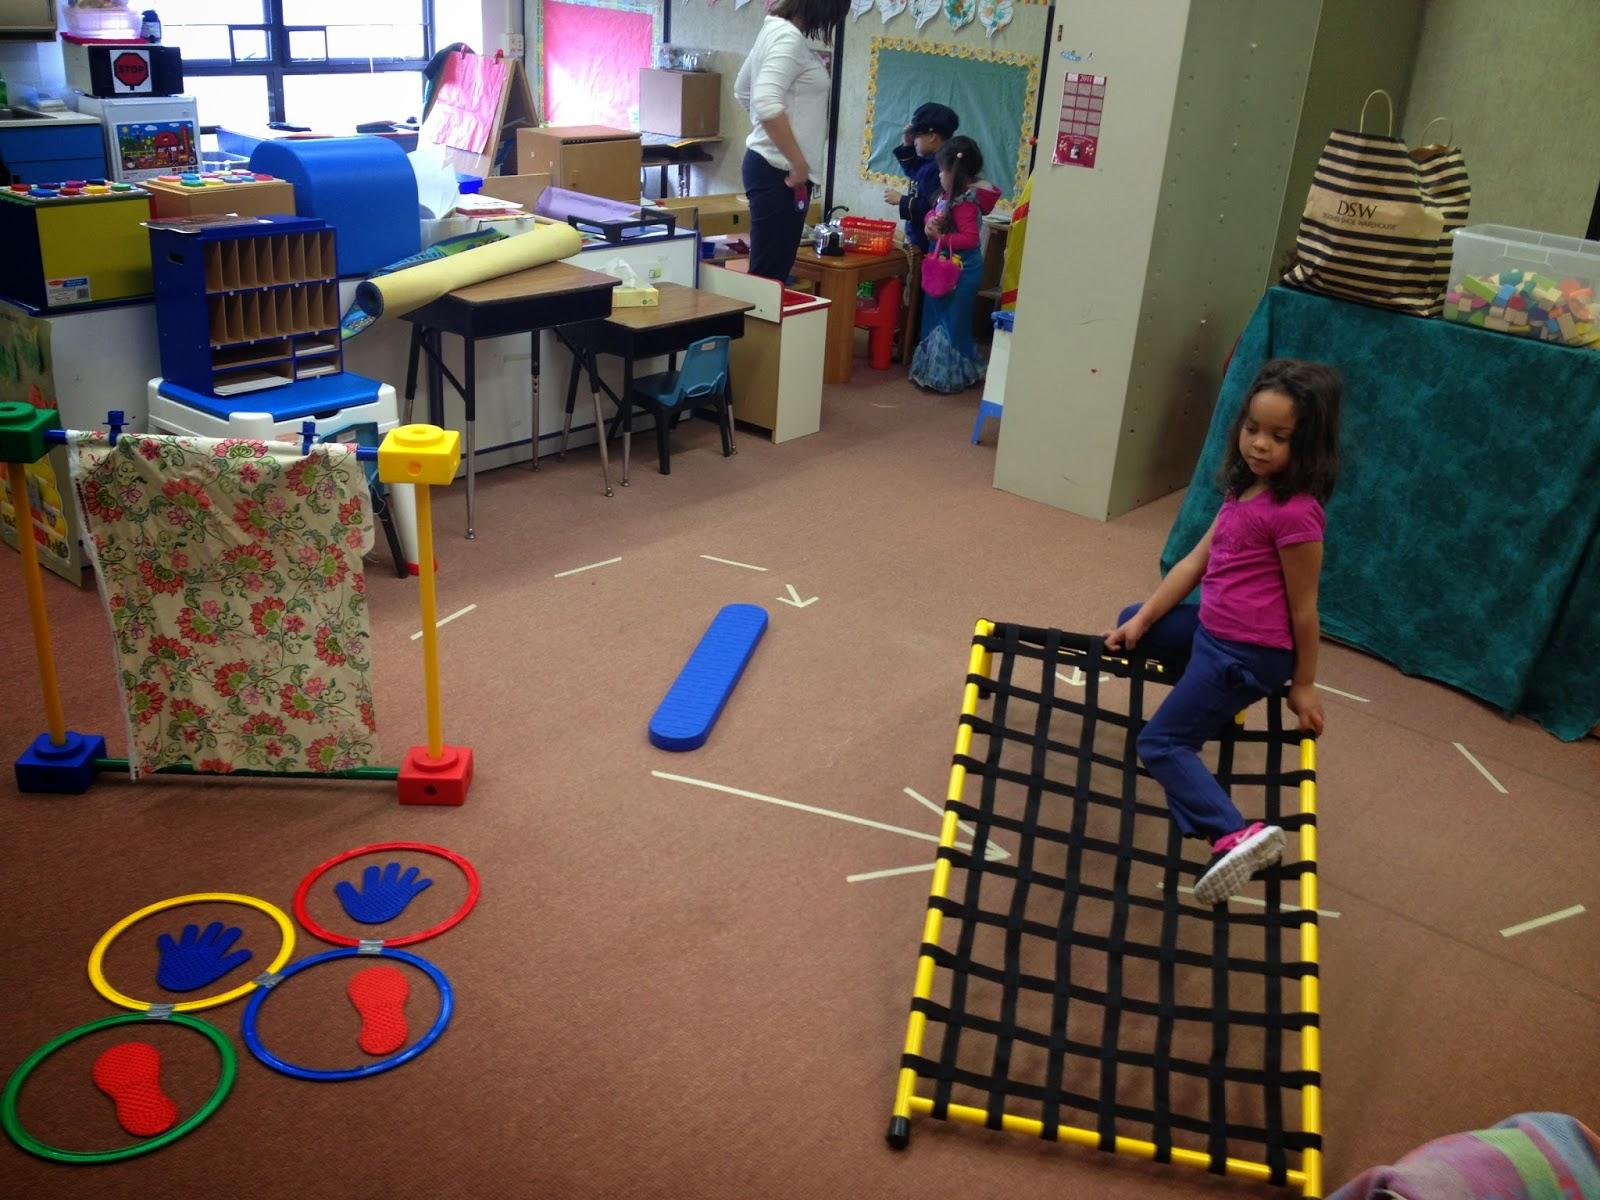 Therapy Fun 4 Kids